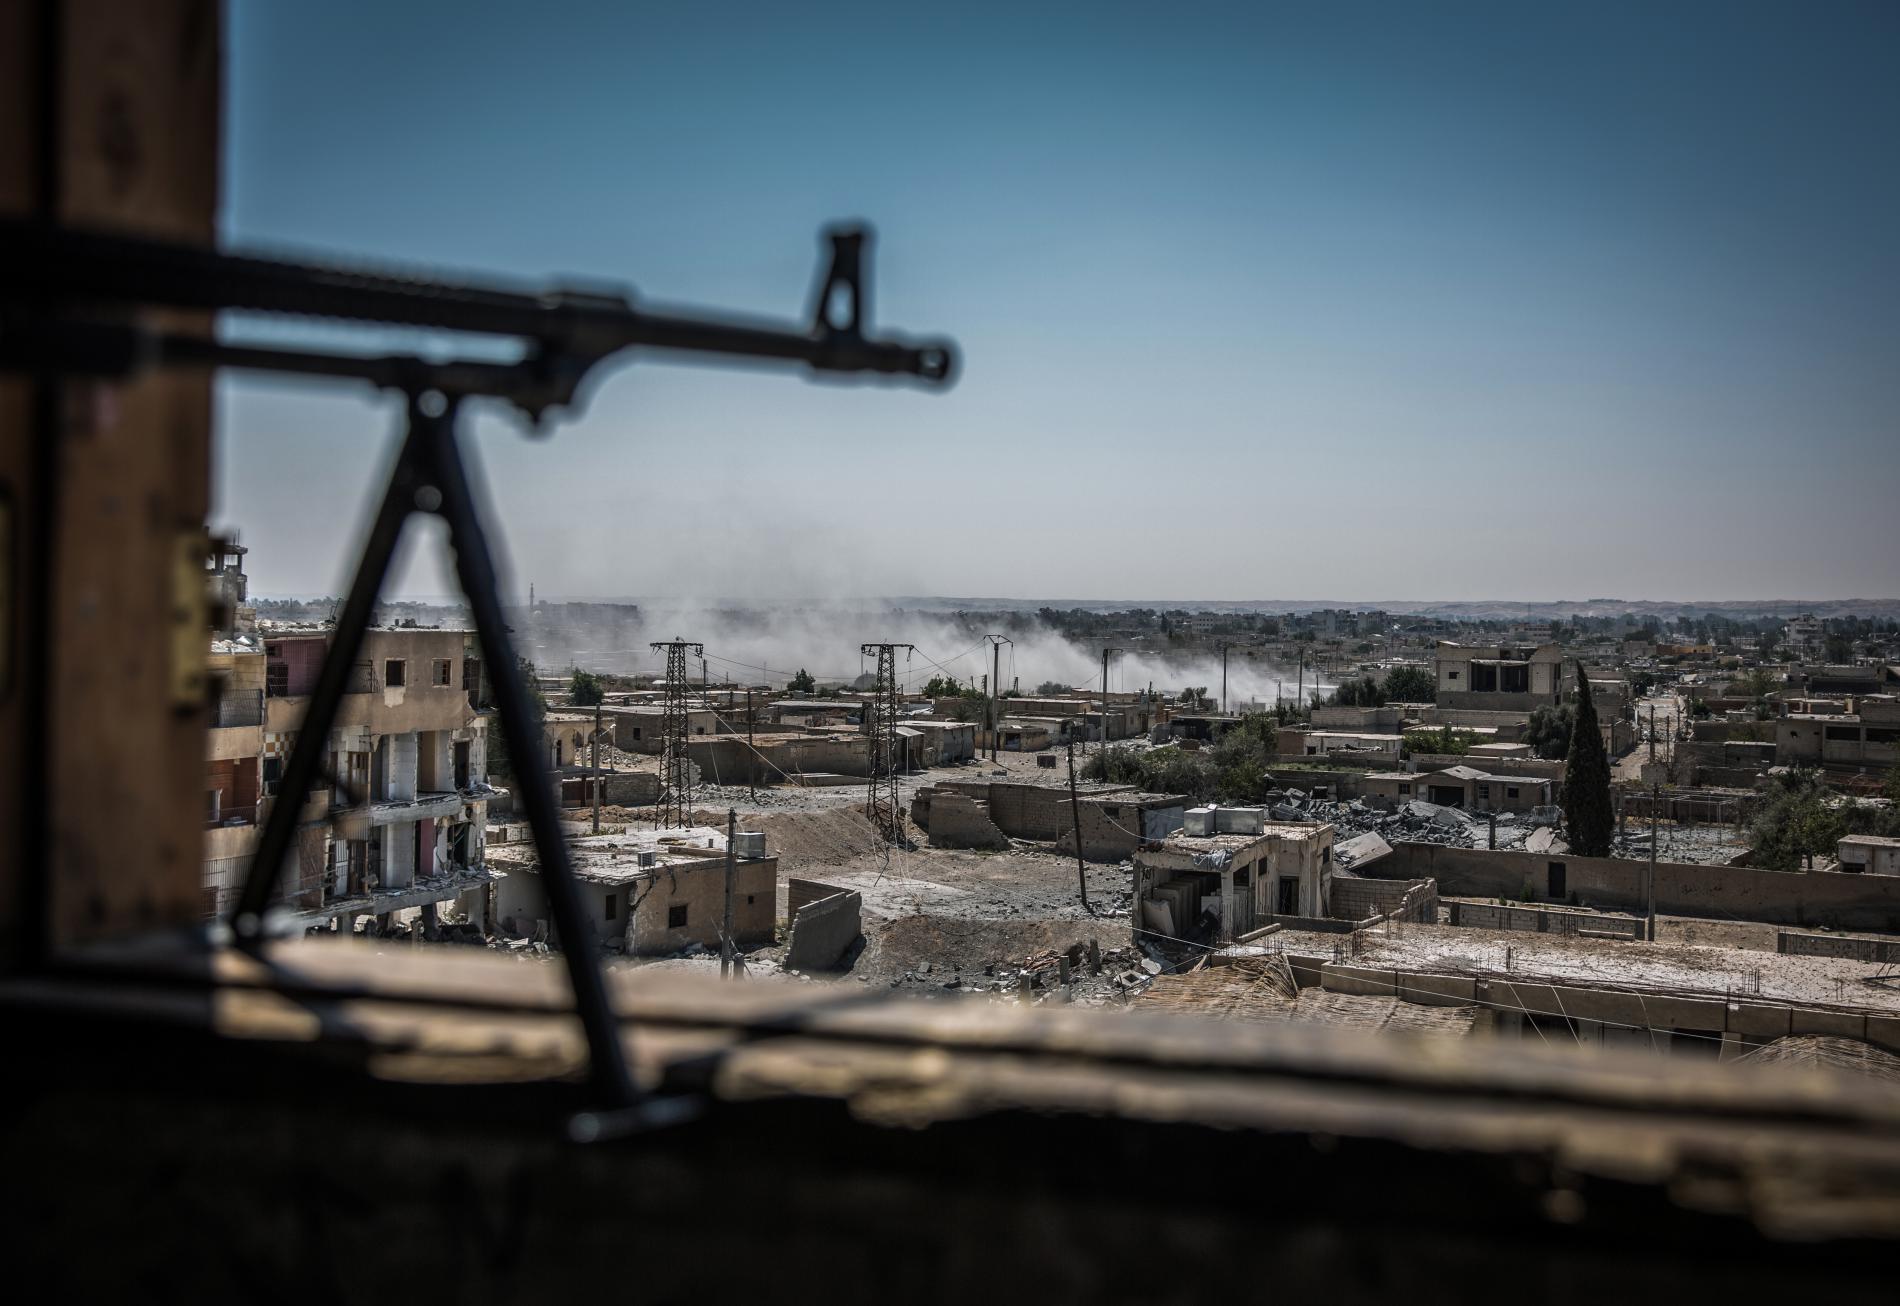 Vue générale du quartier d'Al-Dariya, à Raqqa (Syrie), le 24 juillet 2017.